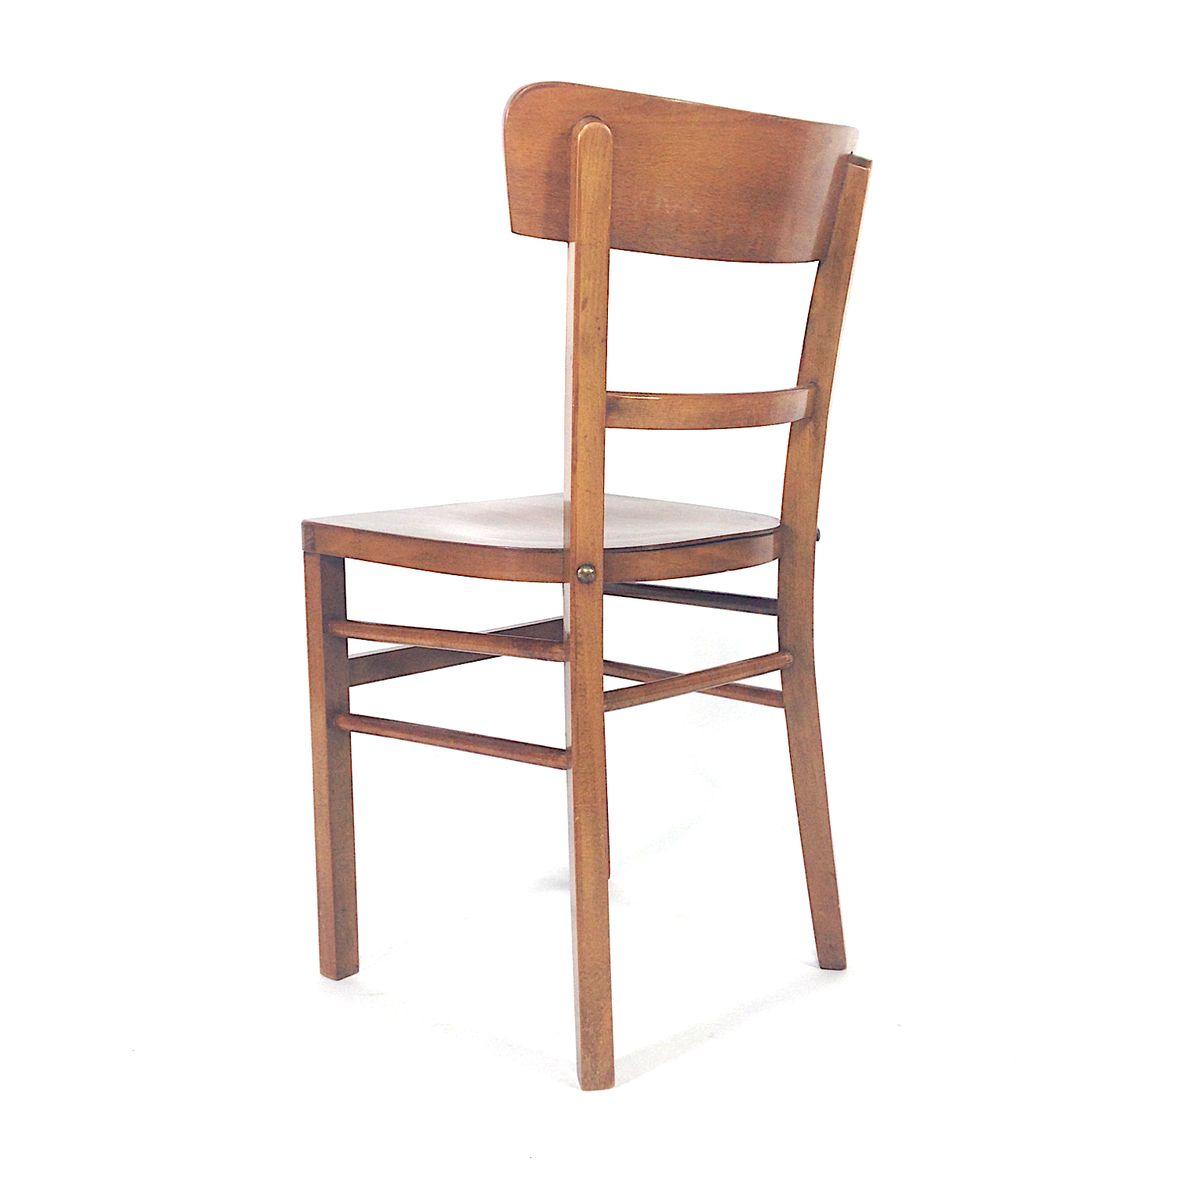 franz sische vintage nussbaum esszimmerst hle 1940er 4er. Black Bedroom Furniture Sets. Home Design Ideas